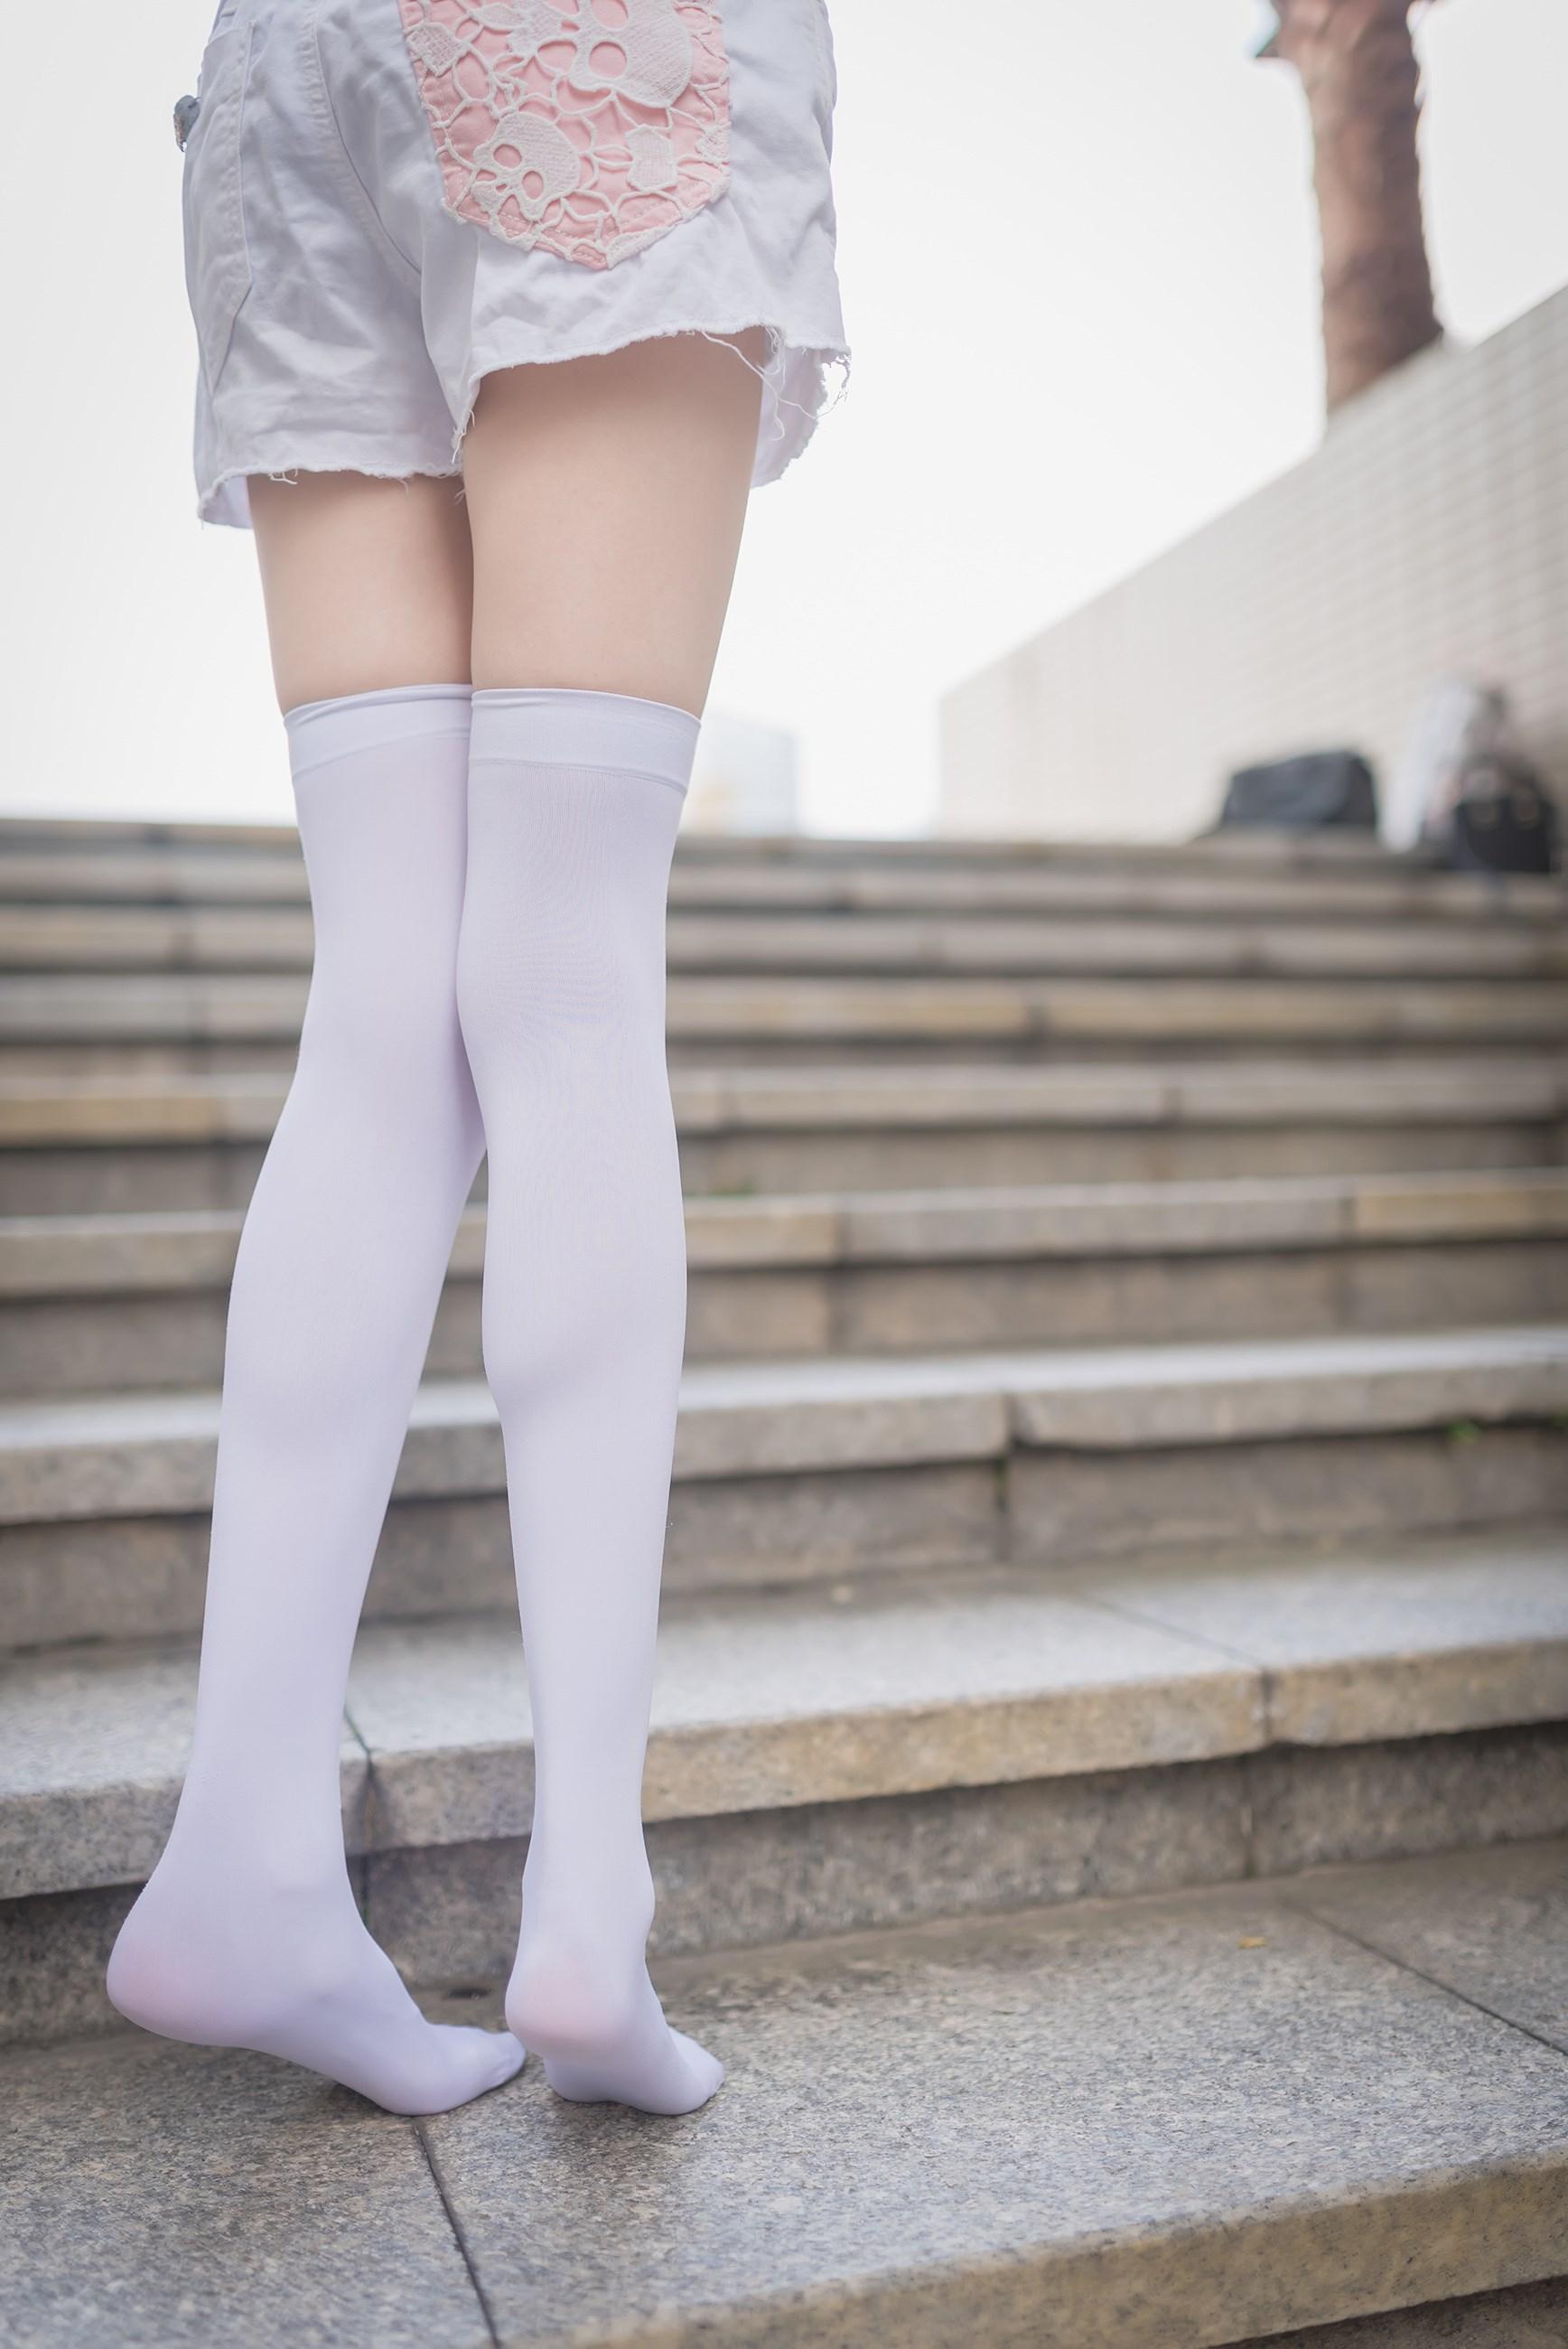 【兔玩映画】白丝过膝袜 兔玩映画 第21张